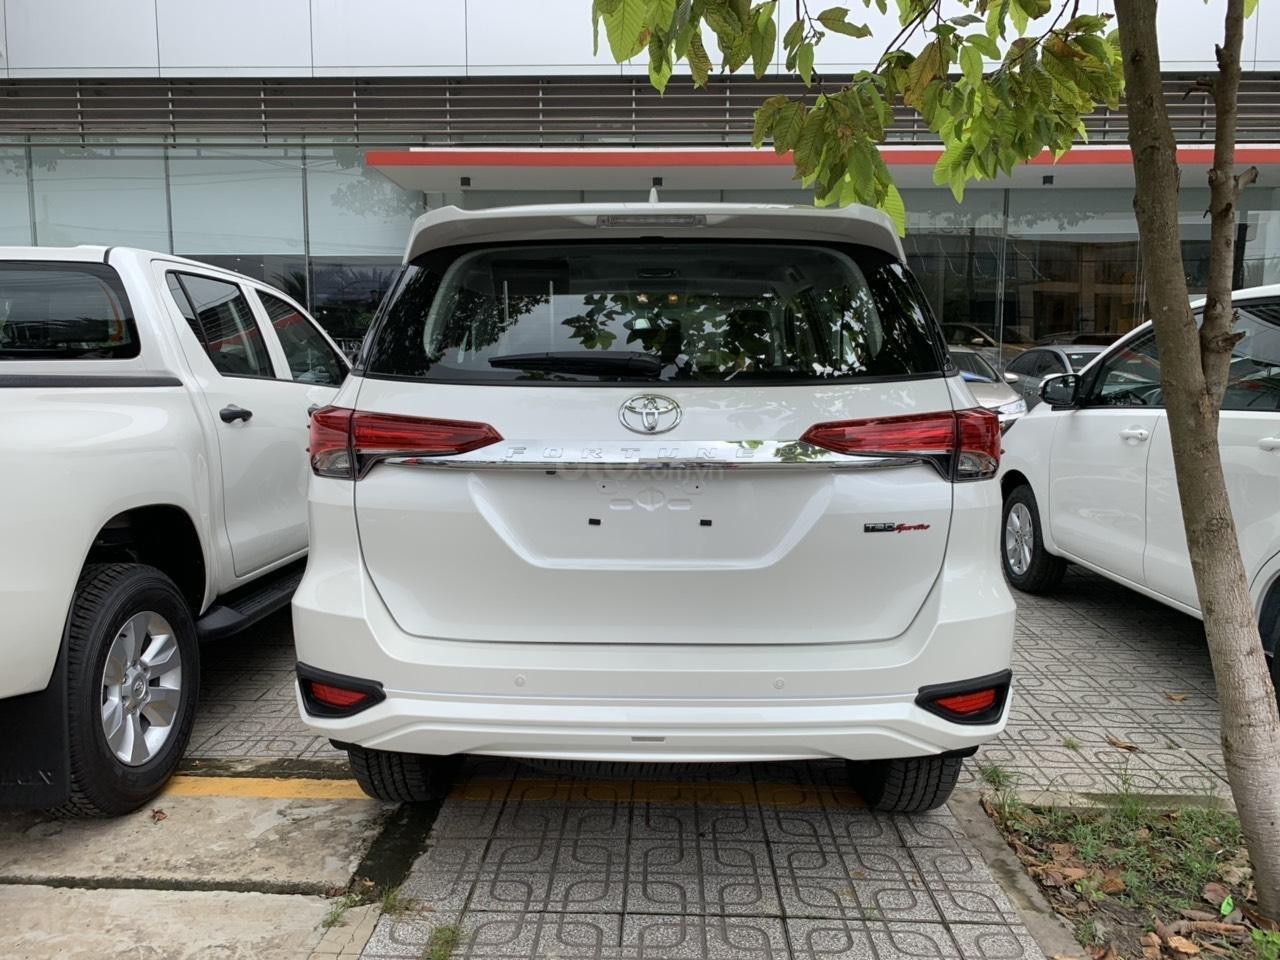 Bán trả góp xe Toyota Fortuner TRD 2019 màu trắng tại Toyota Tây Ninh (3)